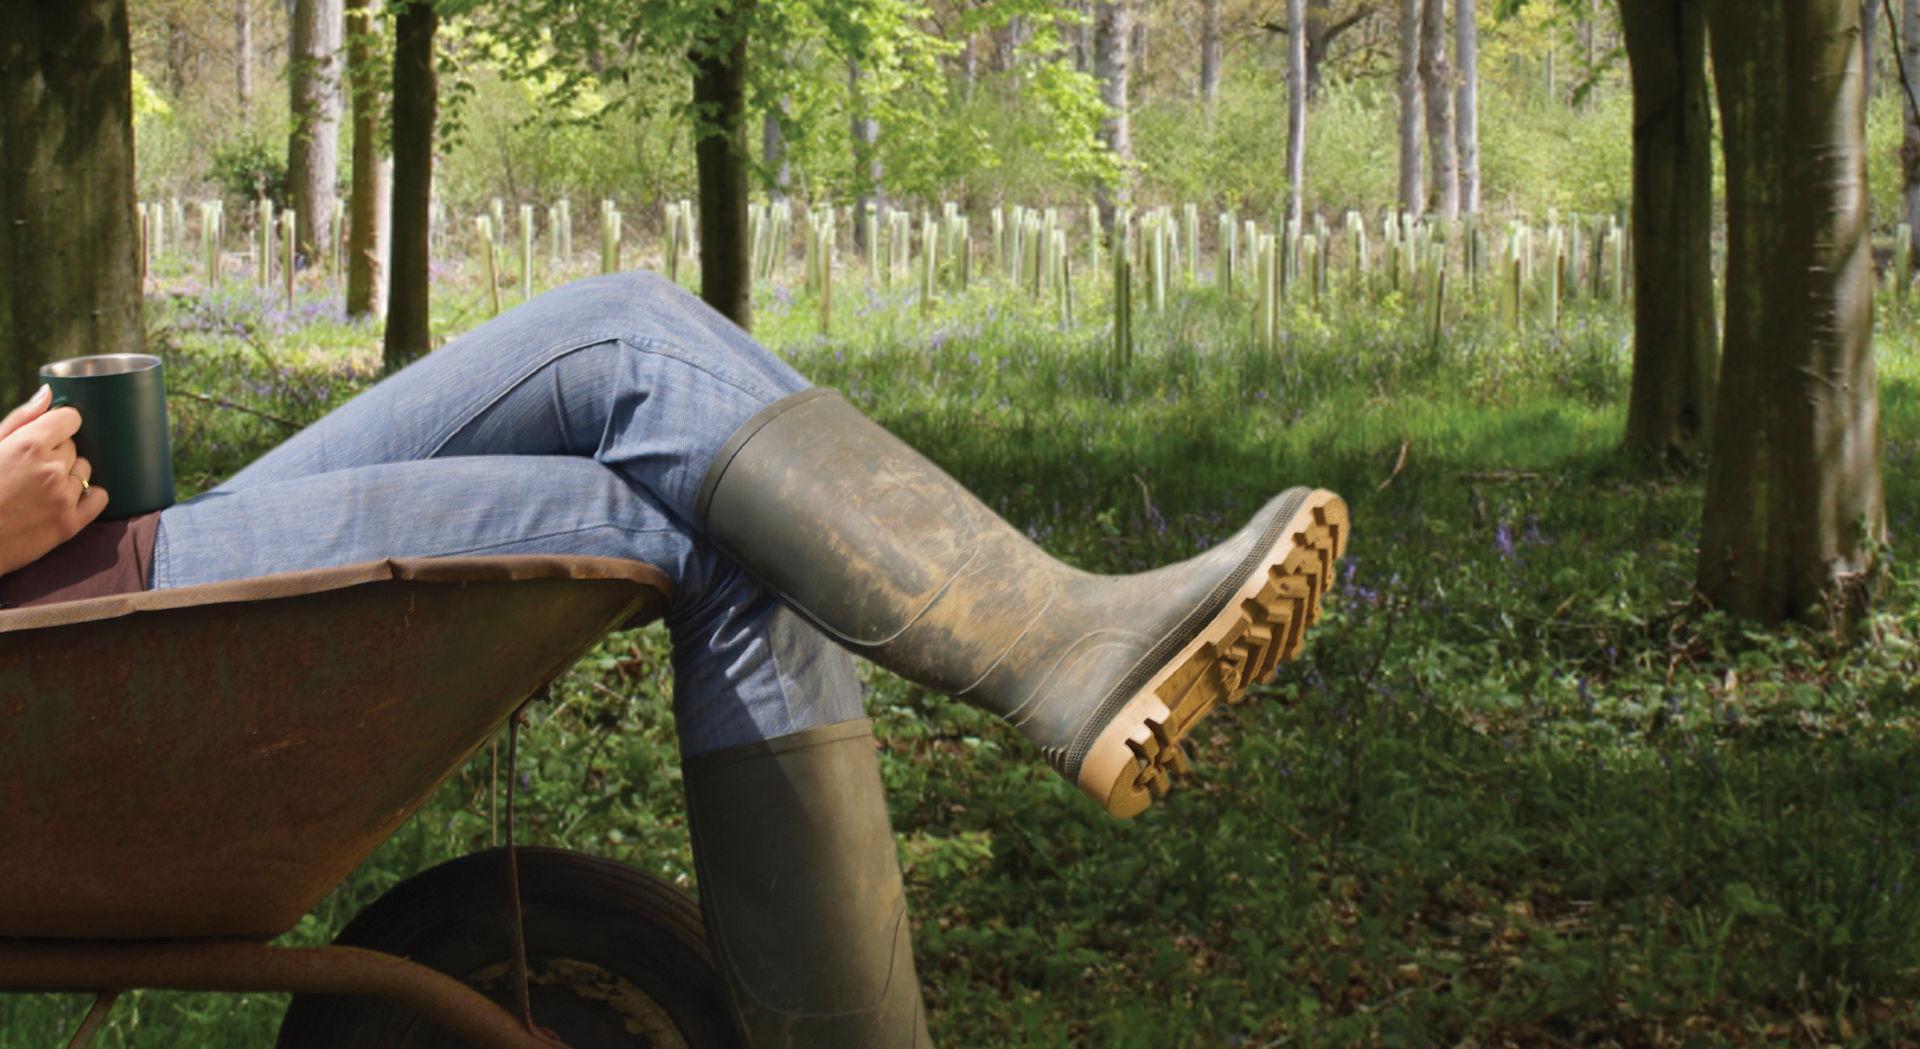 Baum- und Pflanzenschutz